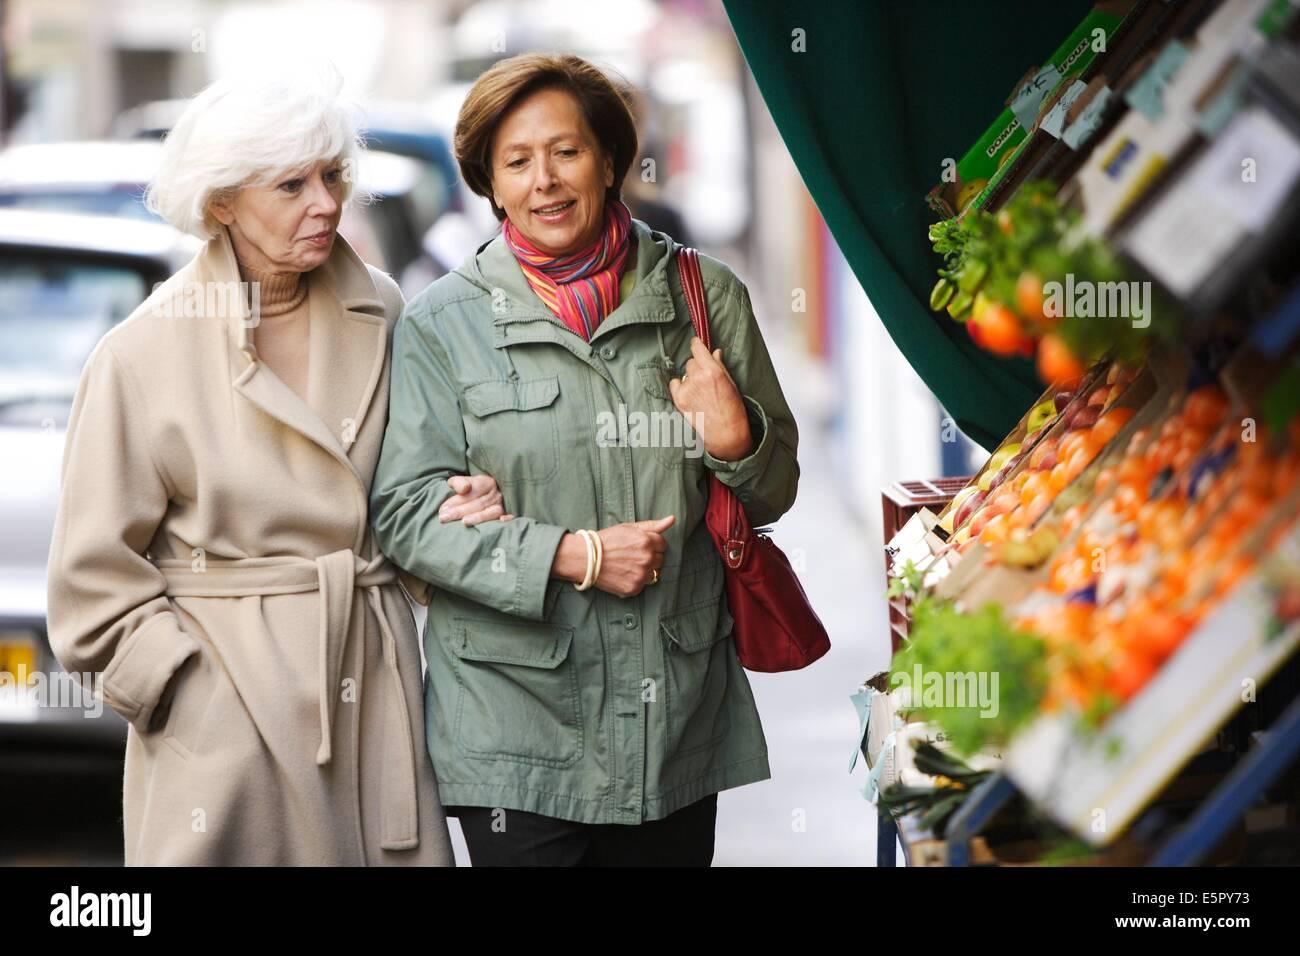 Una mujer anciana y caminando en la calle. Imagen De Stock